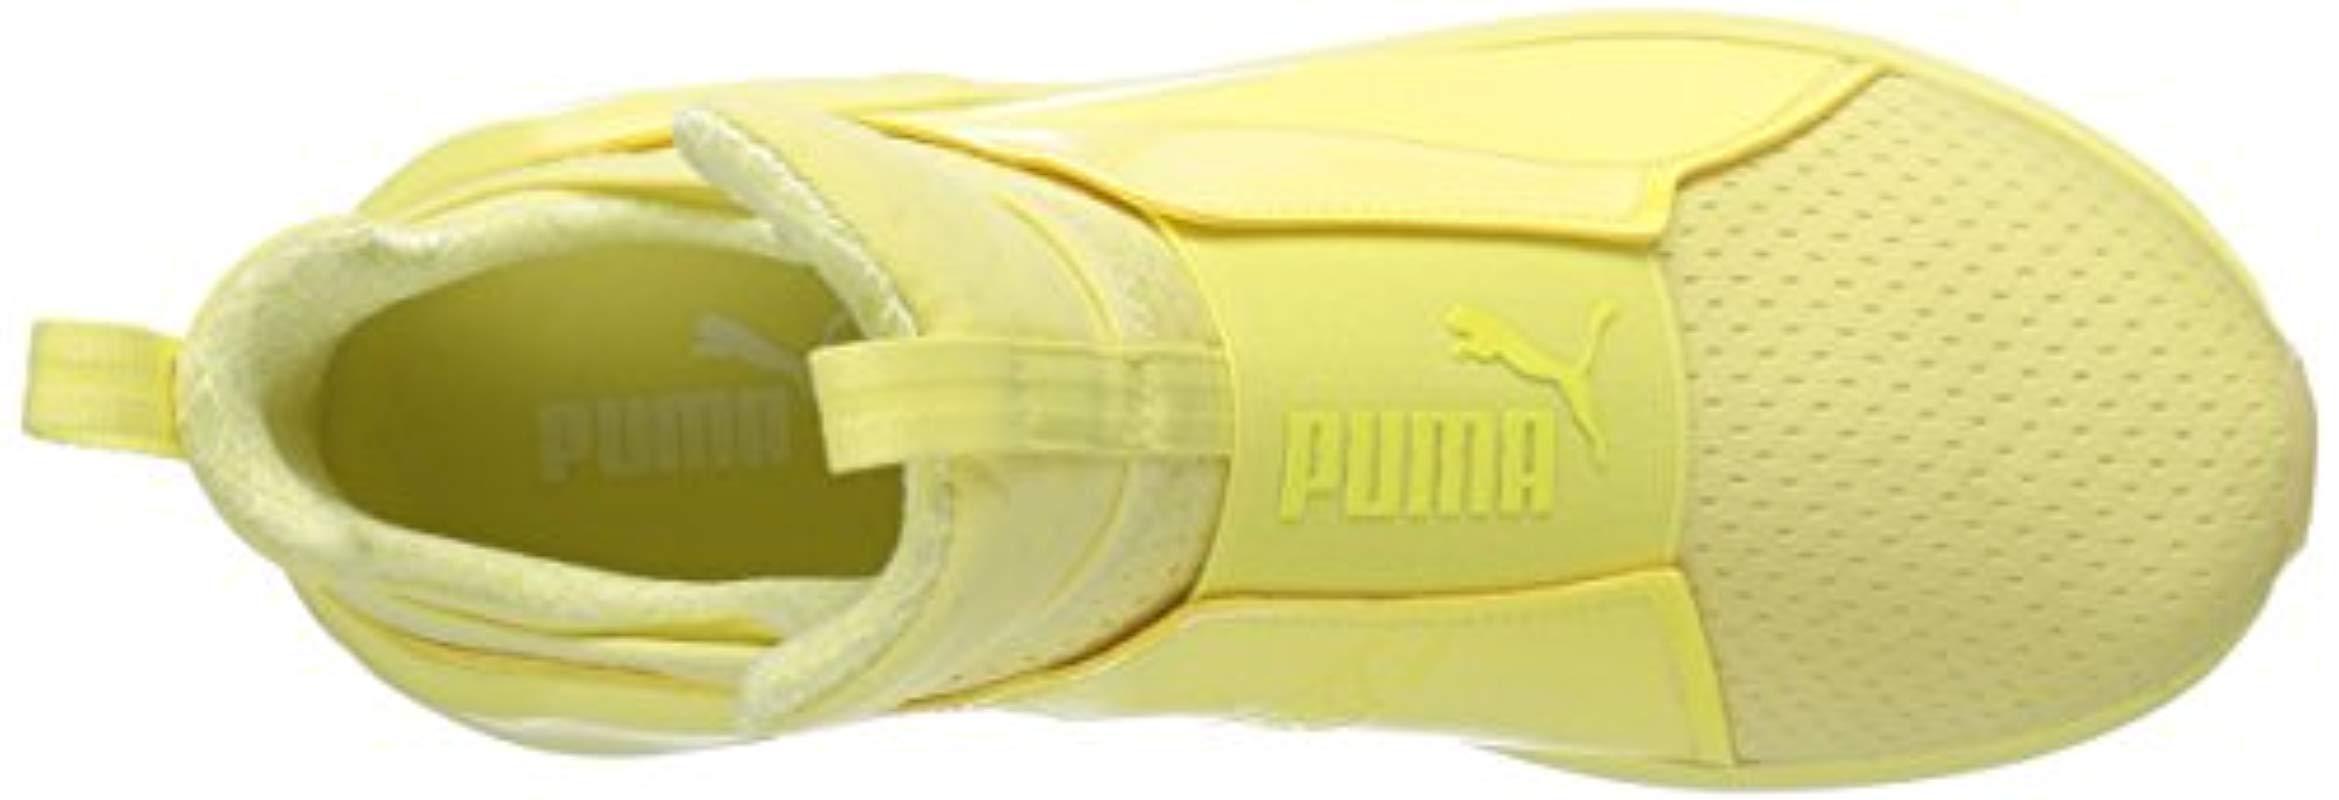 brand new 8b06b b5b87 PUMA Fierce Bright Mesh Cross-trainer Shoe in Yellow - Lyst